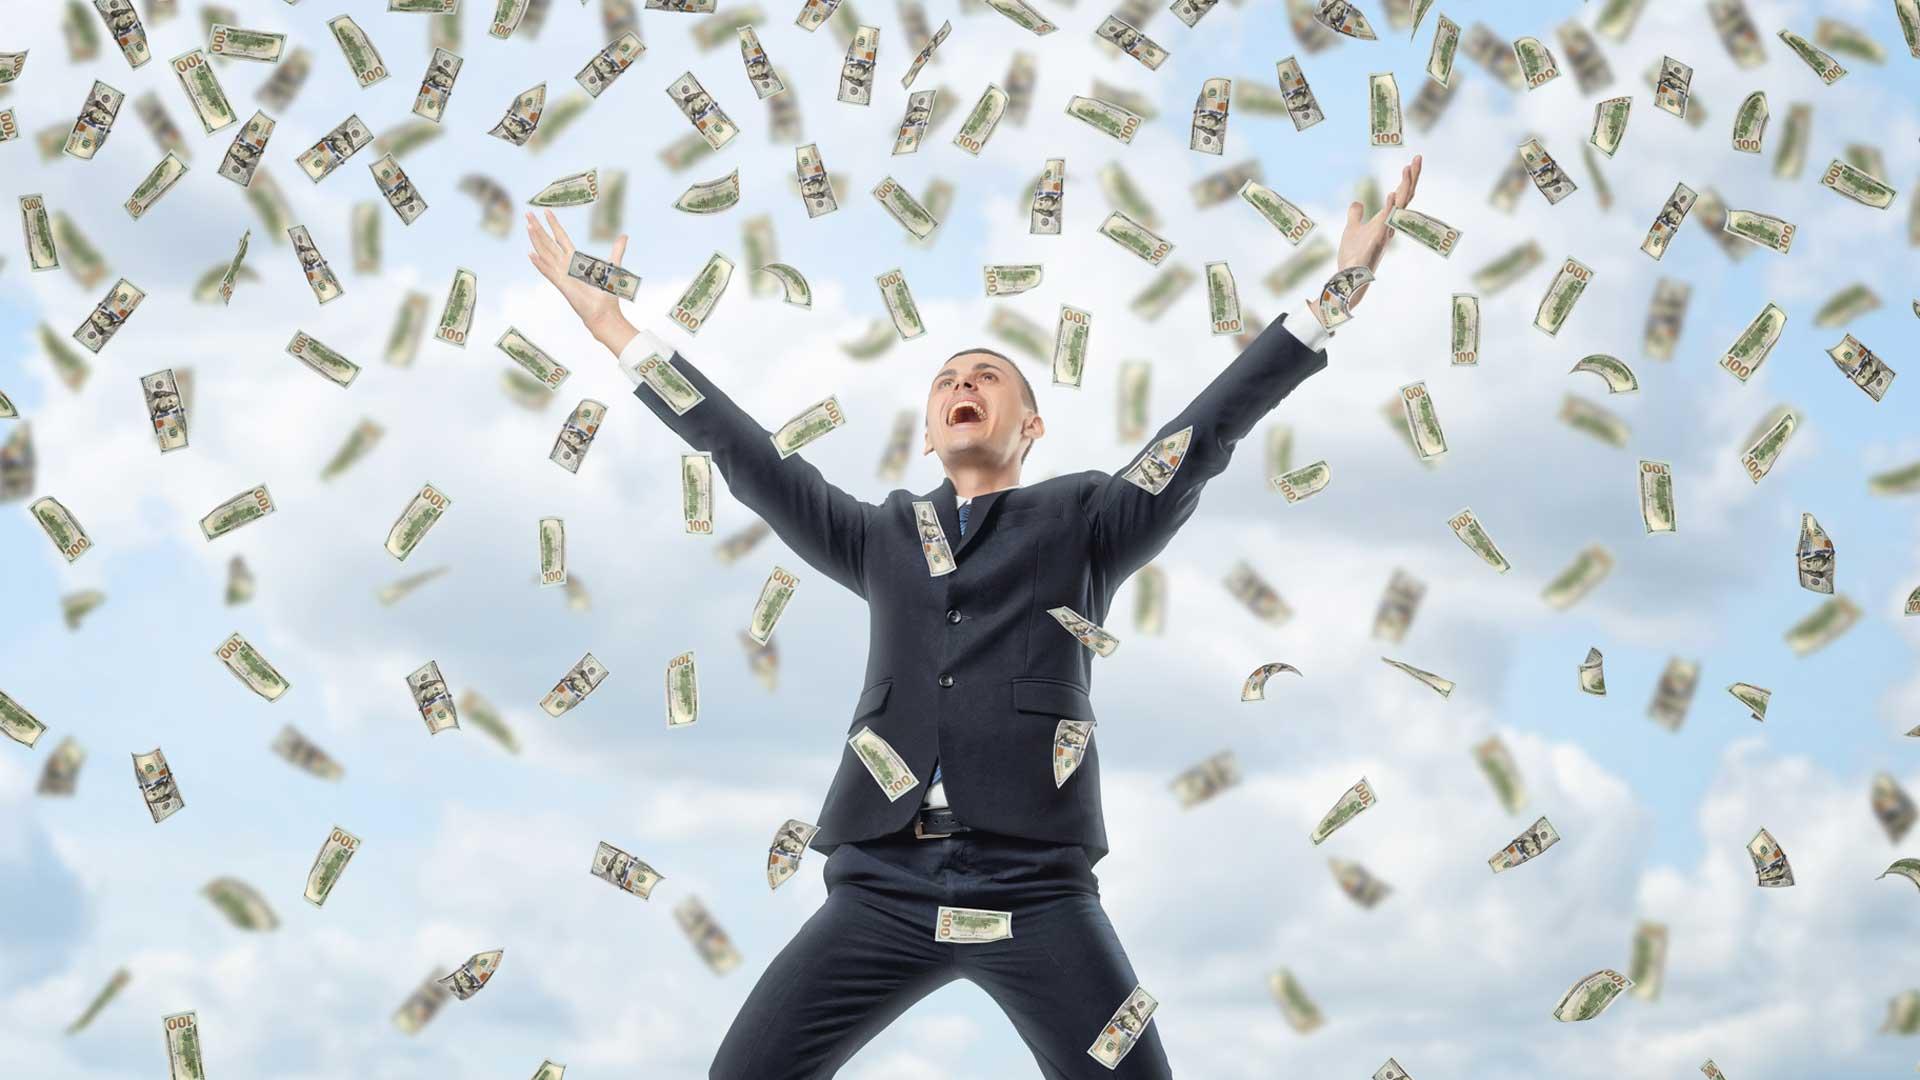 En octubre se sorteó el mayor premio registrado: 1,54 mil millones de dólares.